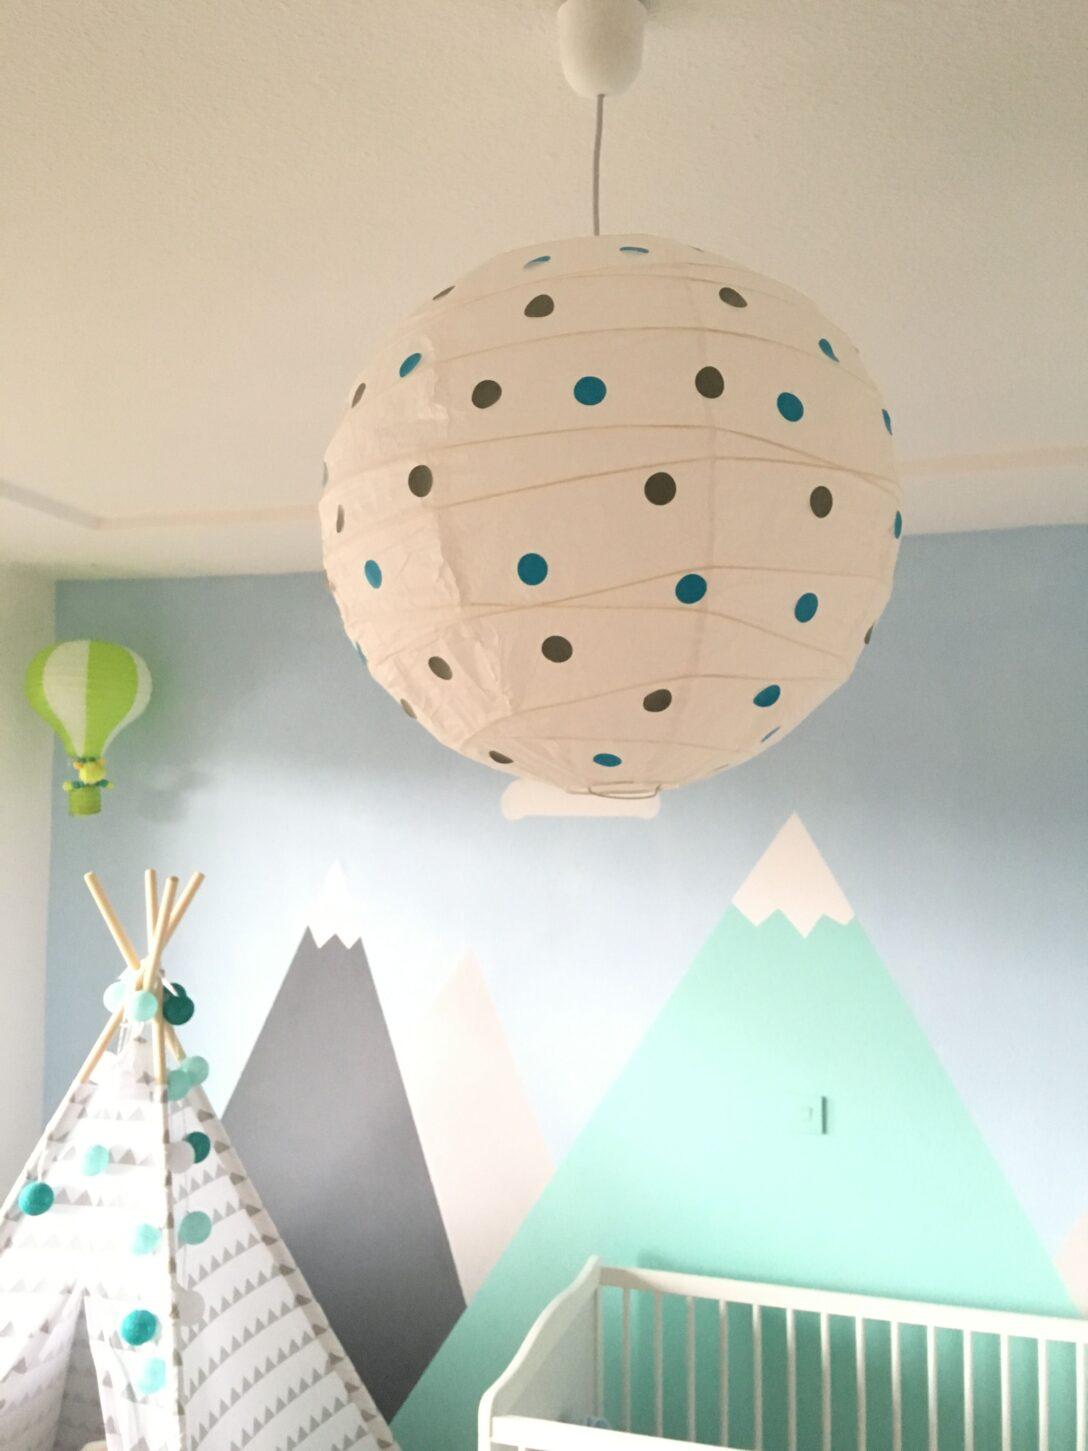 Large Size of Lampe Kinderzimmer Idee Kinderzimmerlampe Deckenlampe Punkte Deckenlampen Wohnzimmer Modern Regal Sofa Esstisch Für Küche Weiß Bad Regale Kinderzimmer Deckenlampe Kinderzimmer